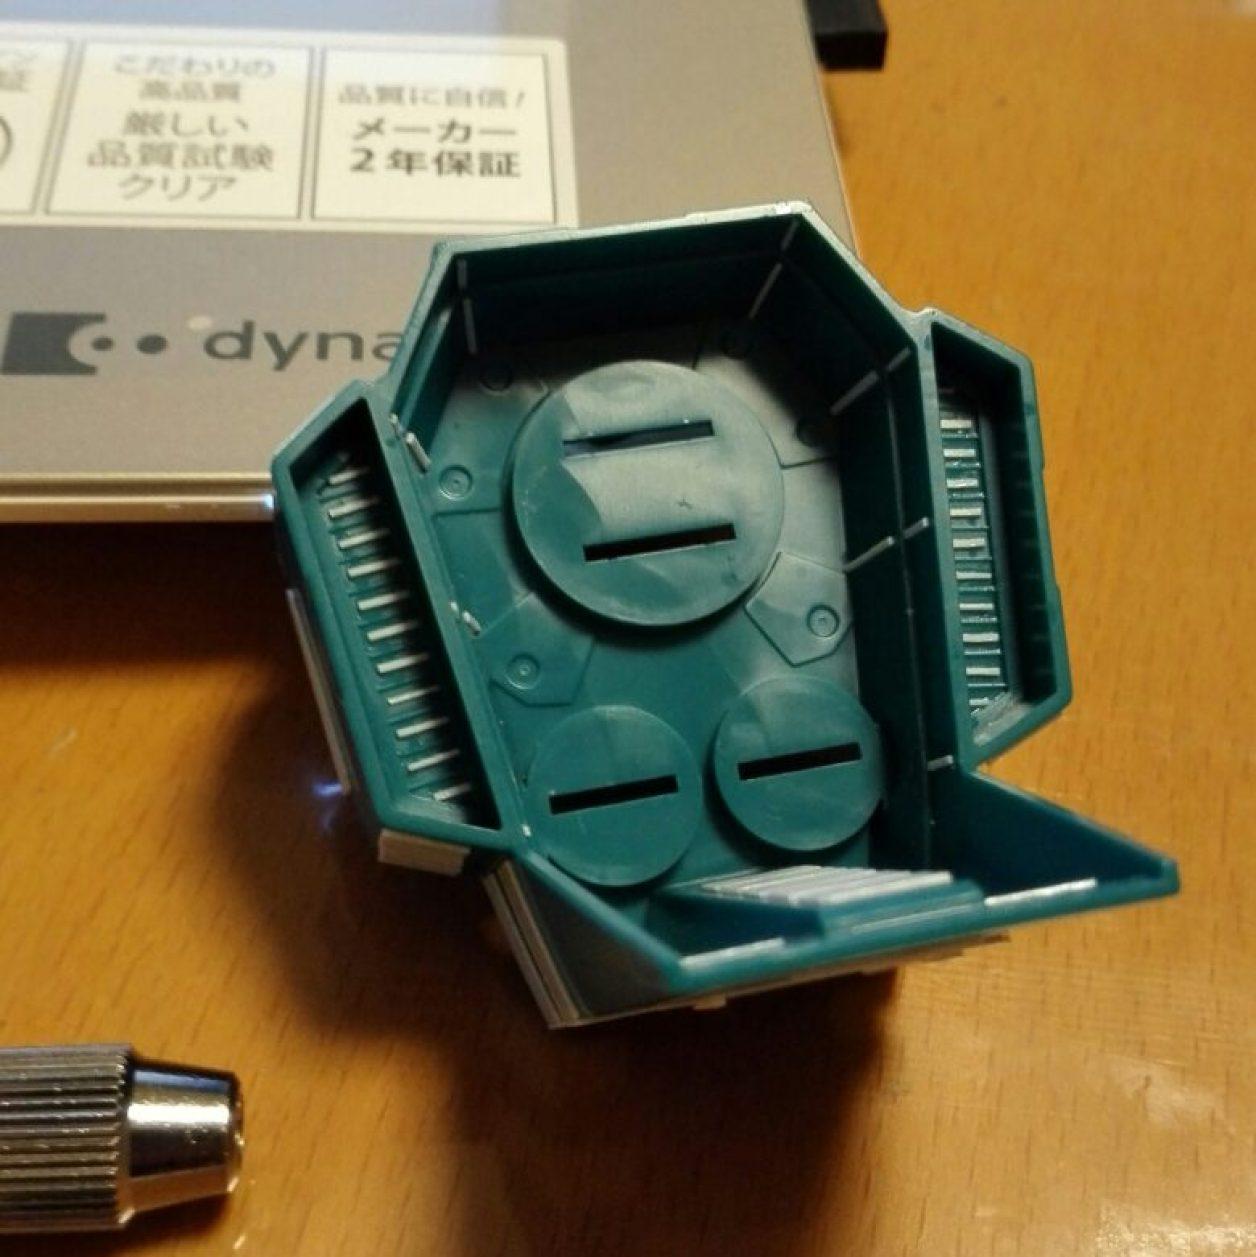 フルドドの拡張パーツであるHGUCギャプランのギャプラン・ブースターのプラ工作と穴開けによるディテールアップの画像